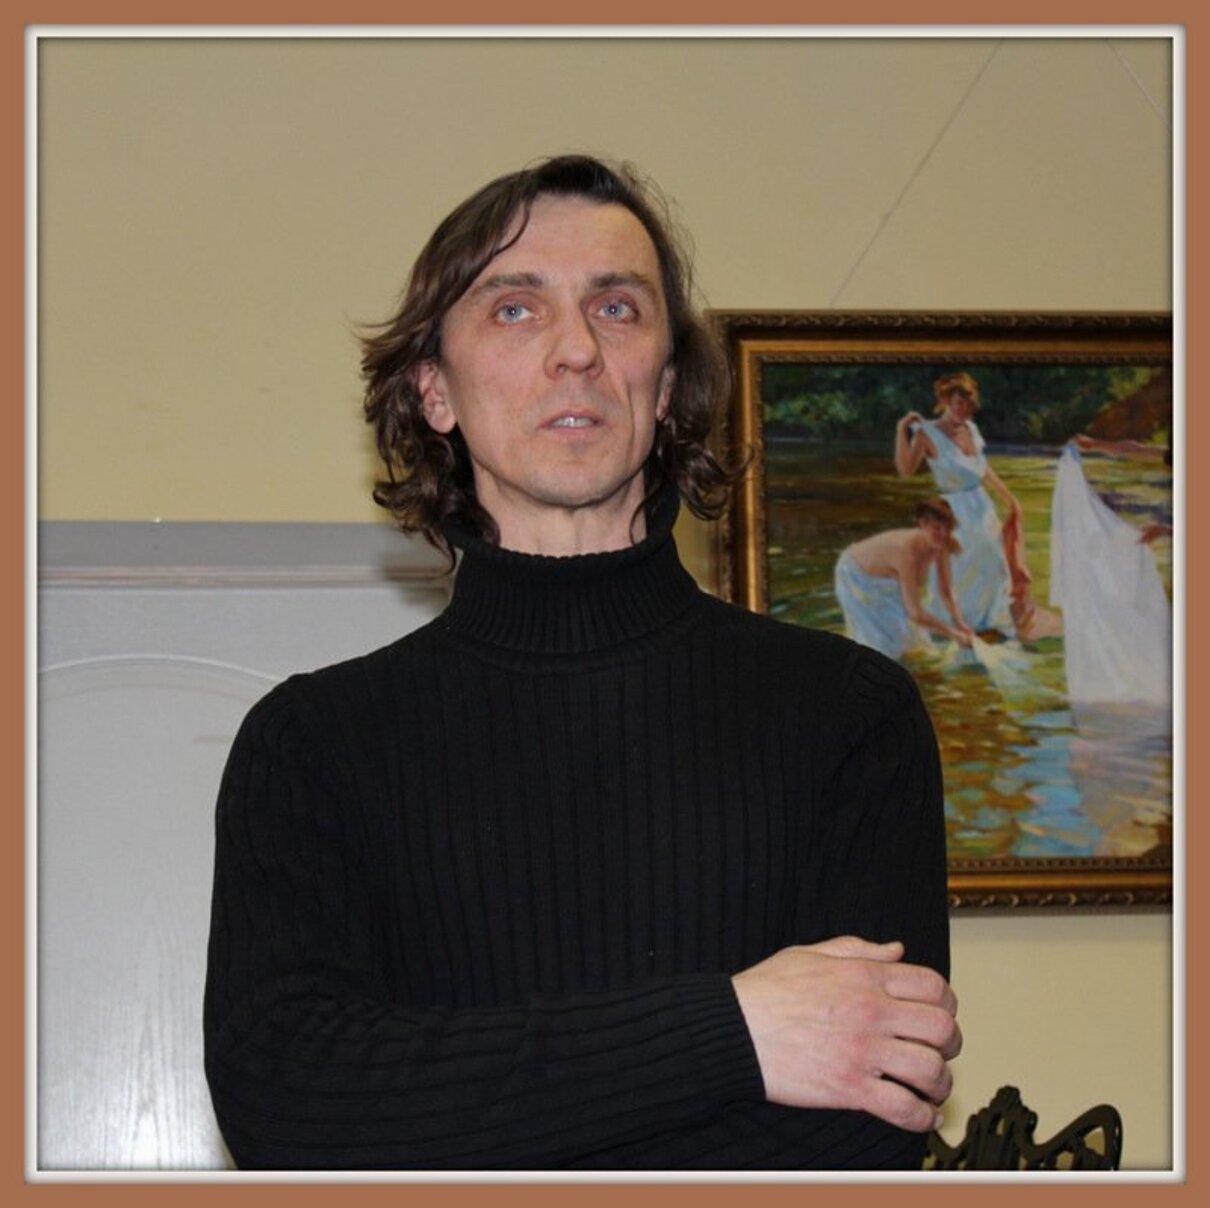 Жалоба-отзыв: Костинский Андрей Валерьевич - Альфонс. Аферист. Злостный неплательщик долгов